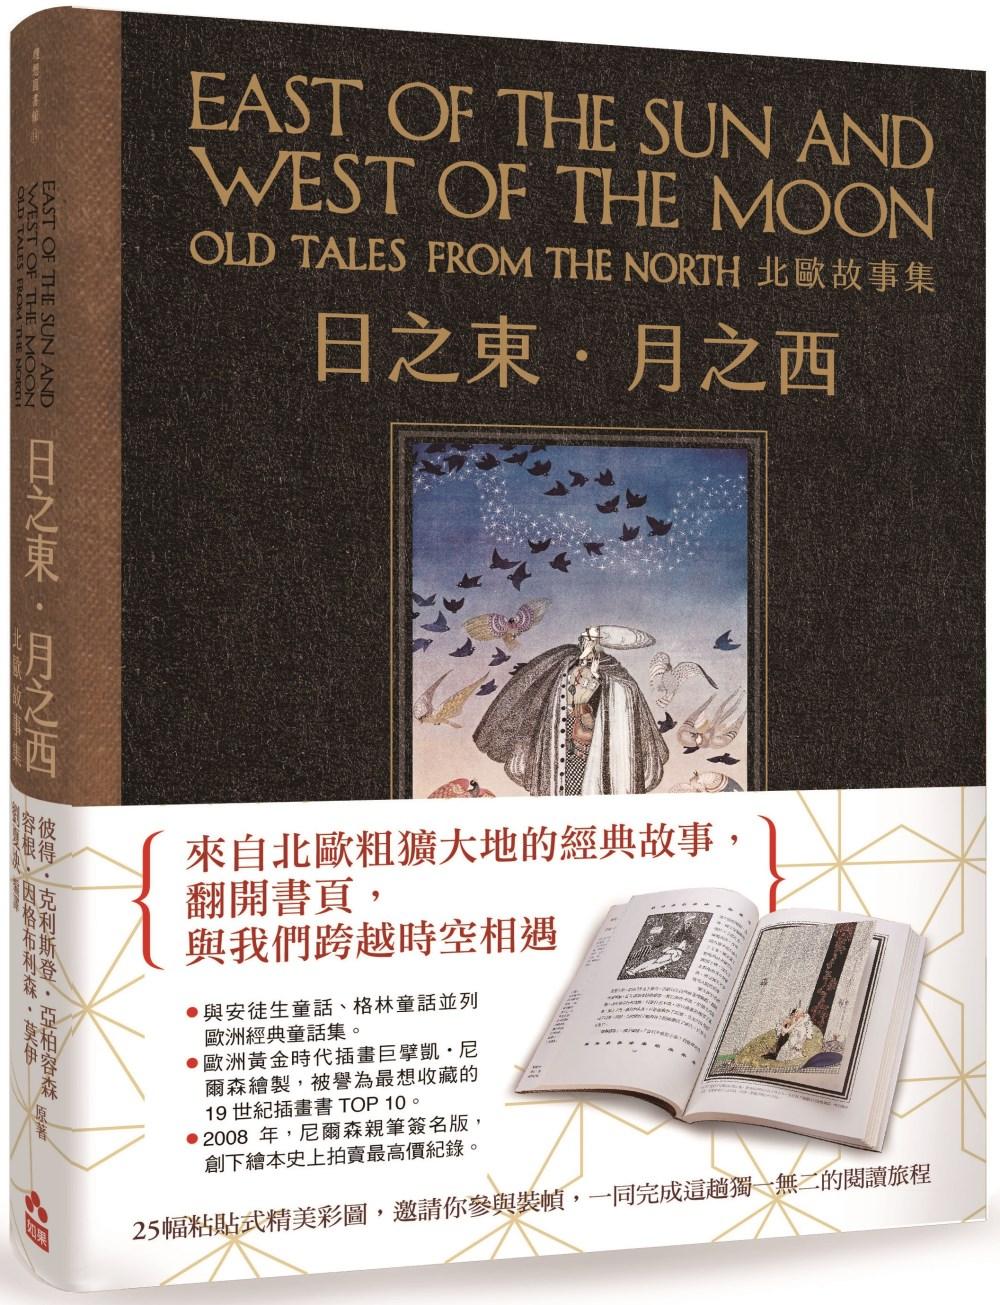 日之東‧月之西:北歐故事集(復刻手工粘貼版)